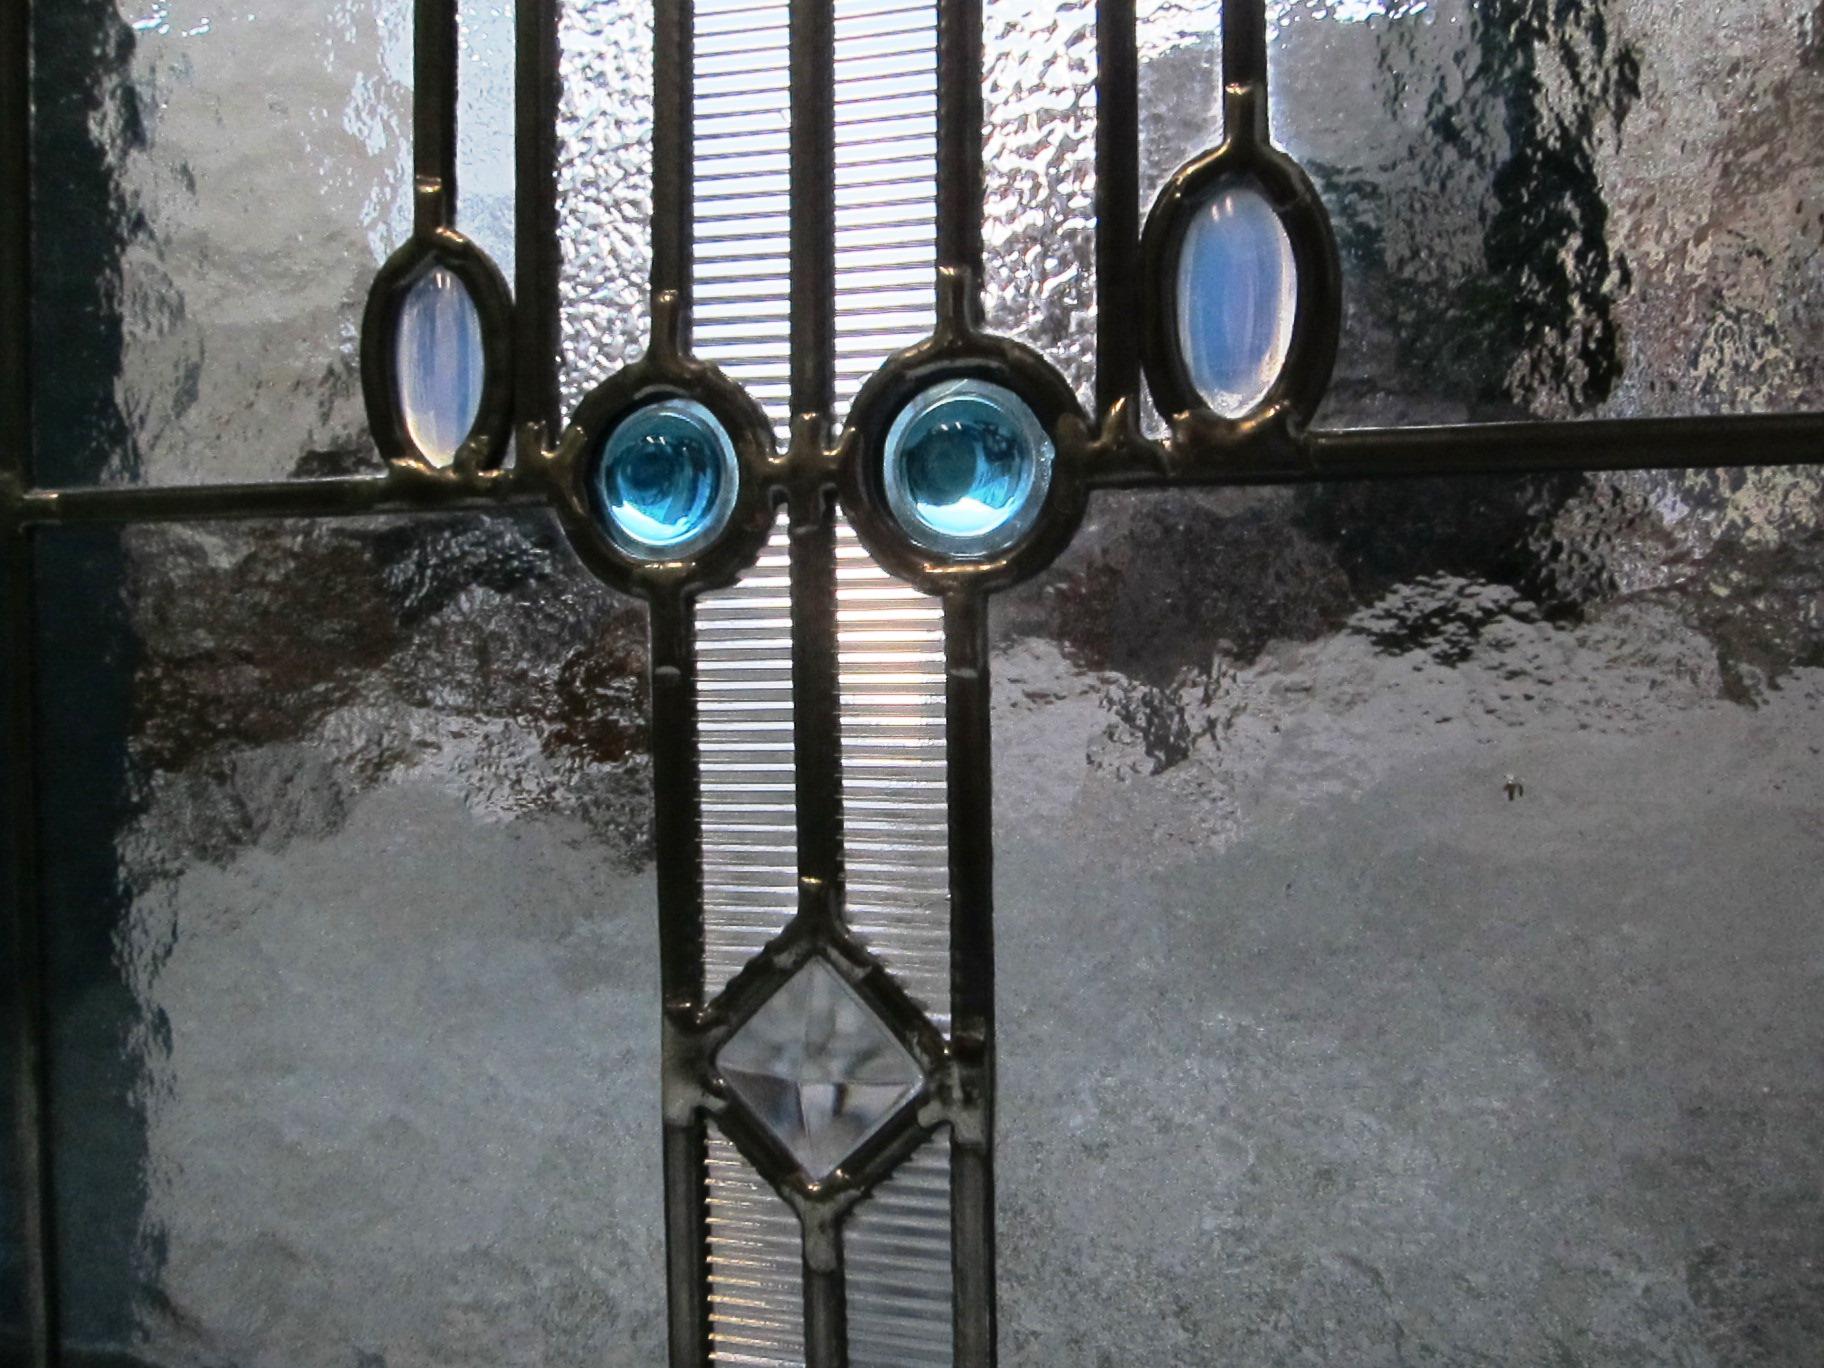 Fensterbild Kristall, Detailansicht, Bleiverglasung, Tischkathedralglas, Ornamentglas und Glasprismen